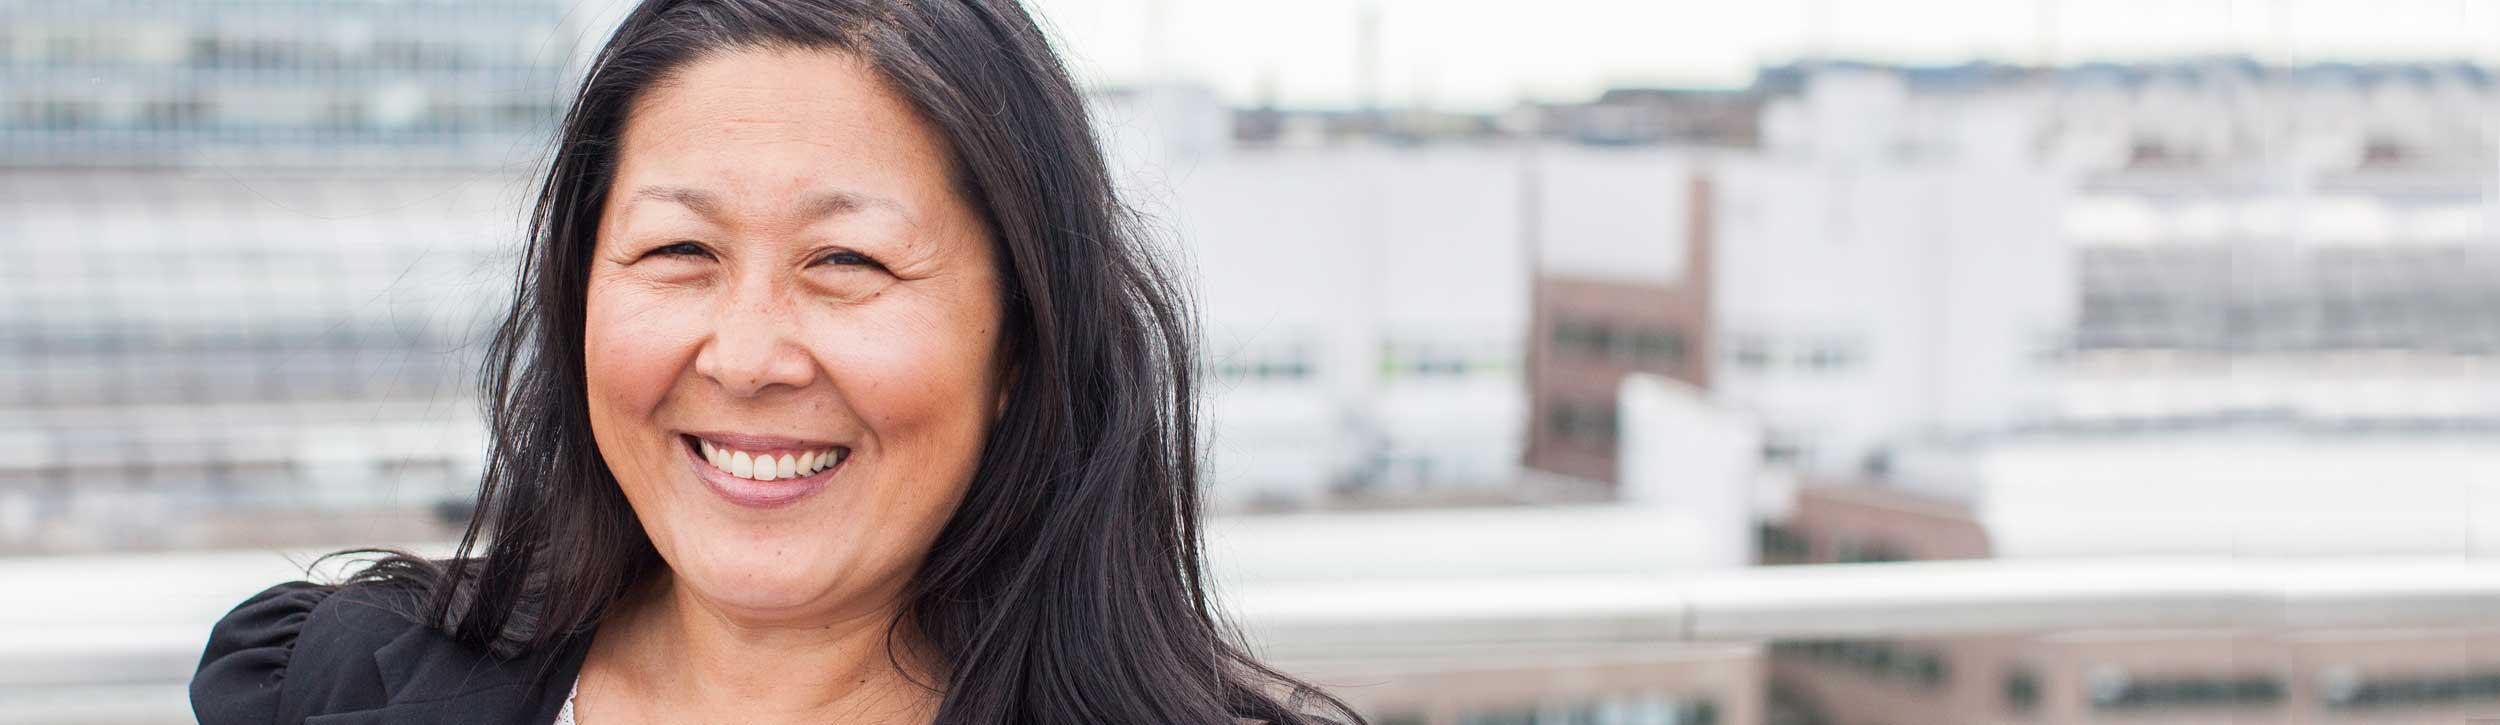 Rekrytering säljare: TNG hjälper företag med rekrytering och bemanning av säljare